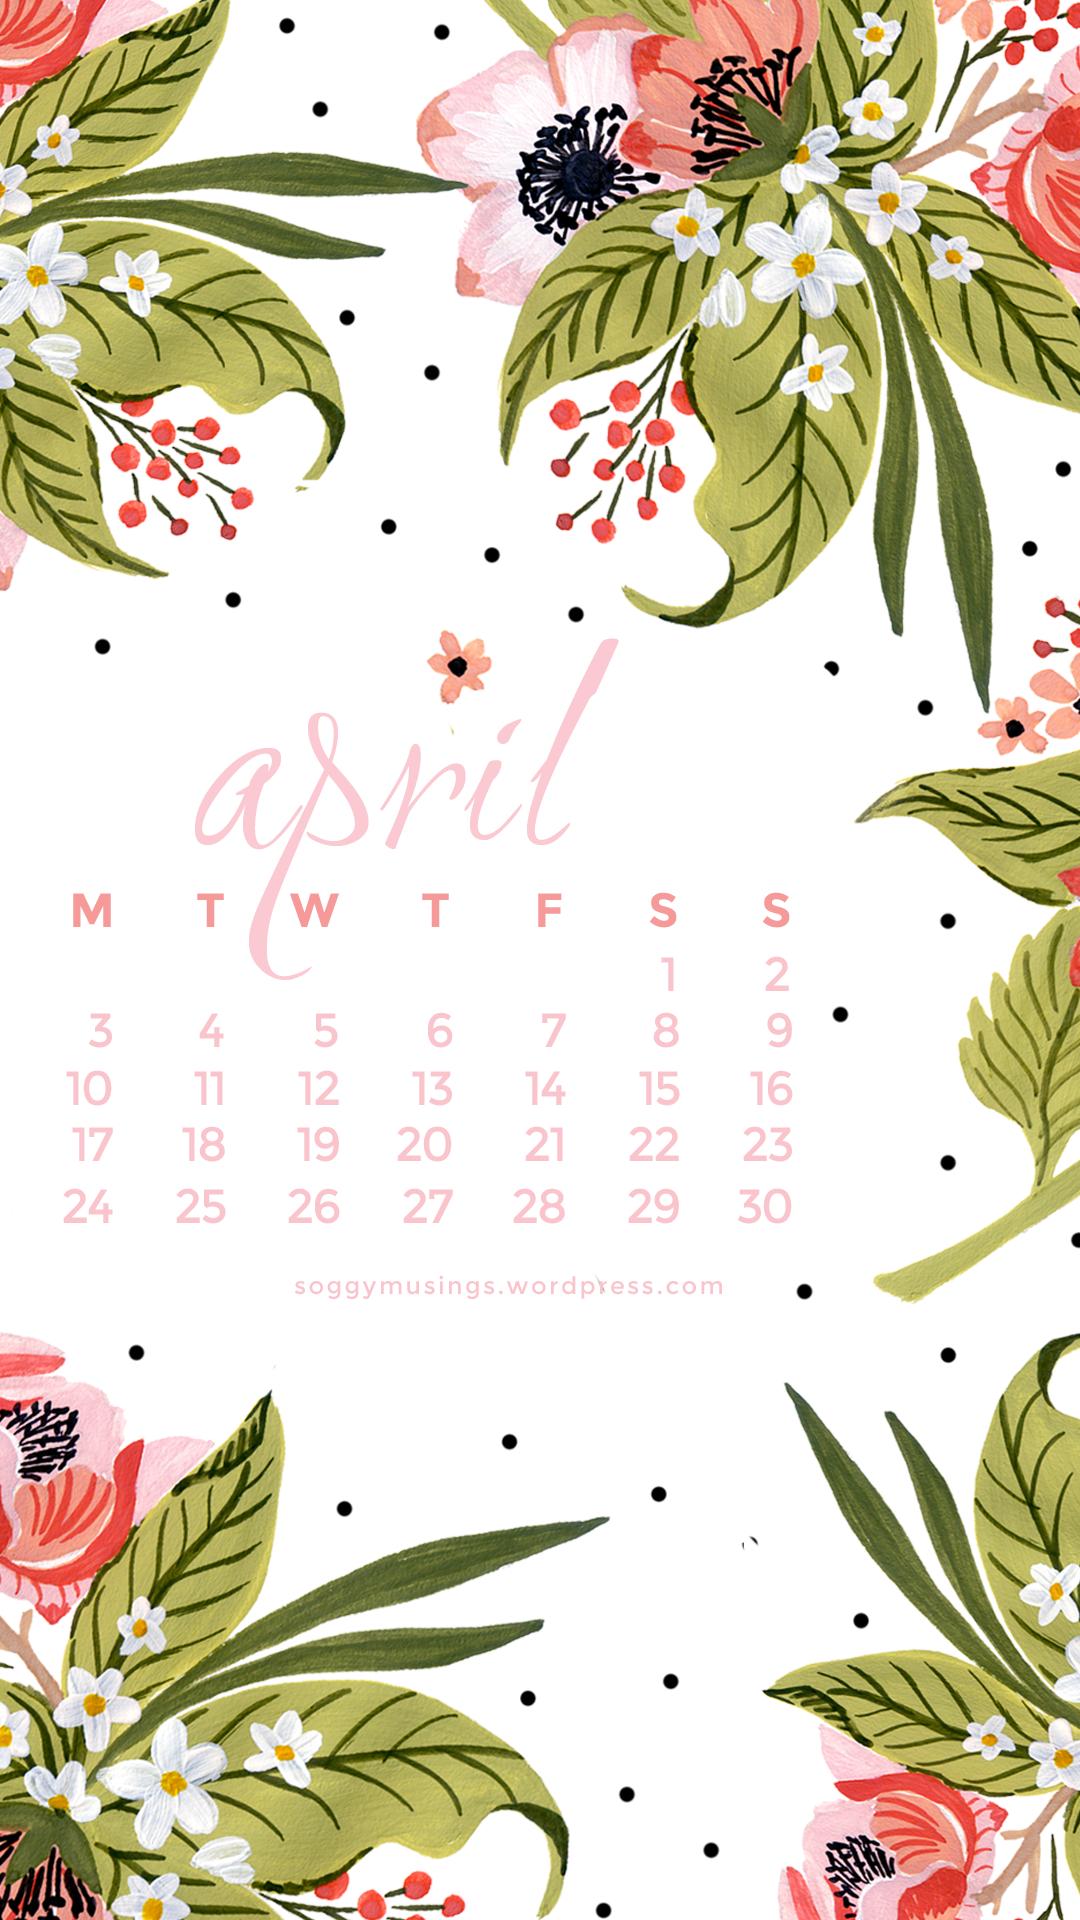 Calendar Wallpaper April : April wallpaper calendars soggy musings